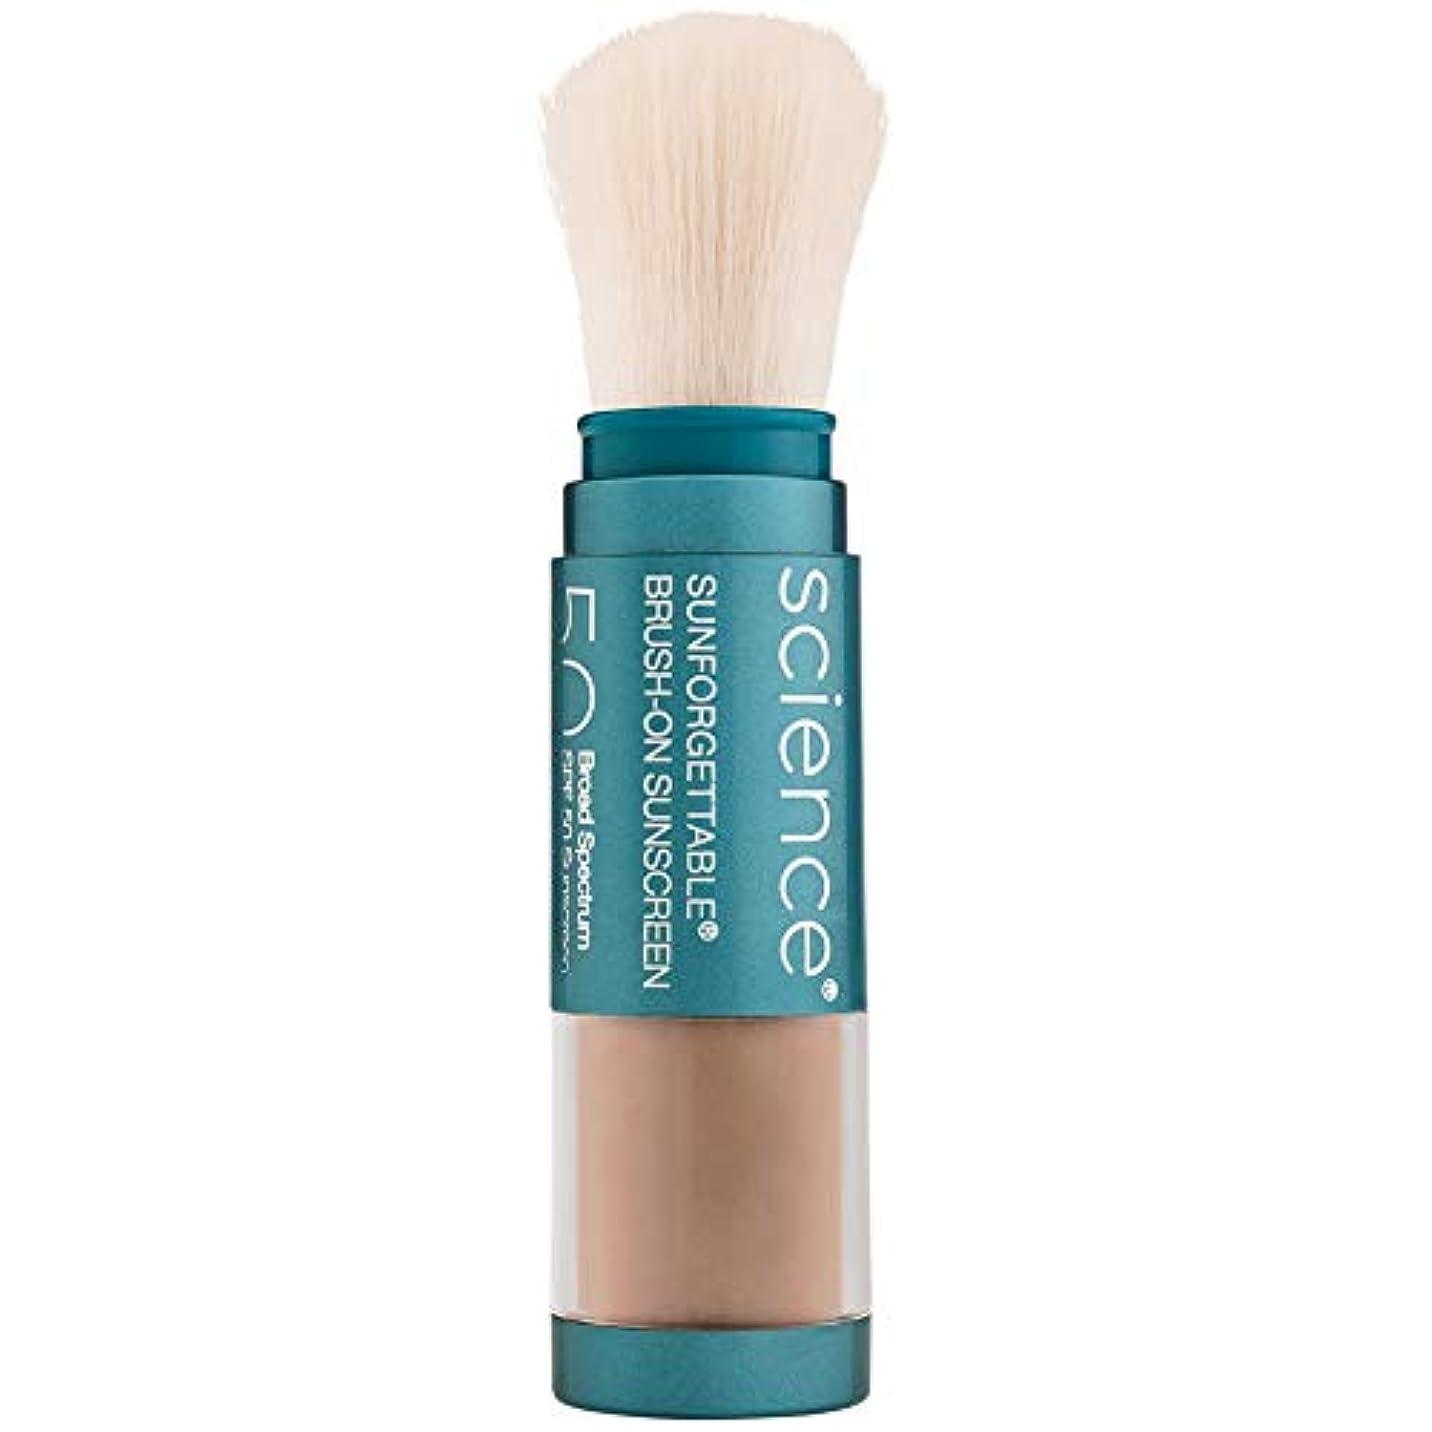 の間でくちばし一方、Sunforgettable Brush-On Sunscreen SPF 50 - Deep